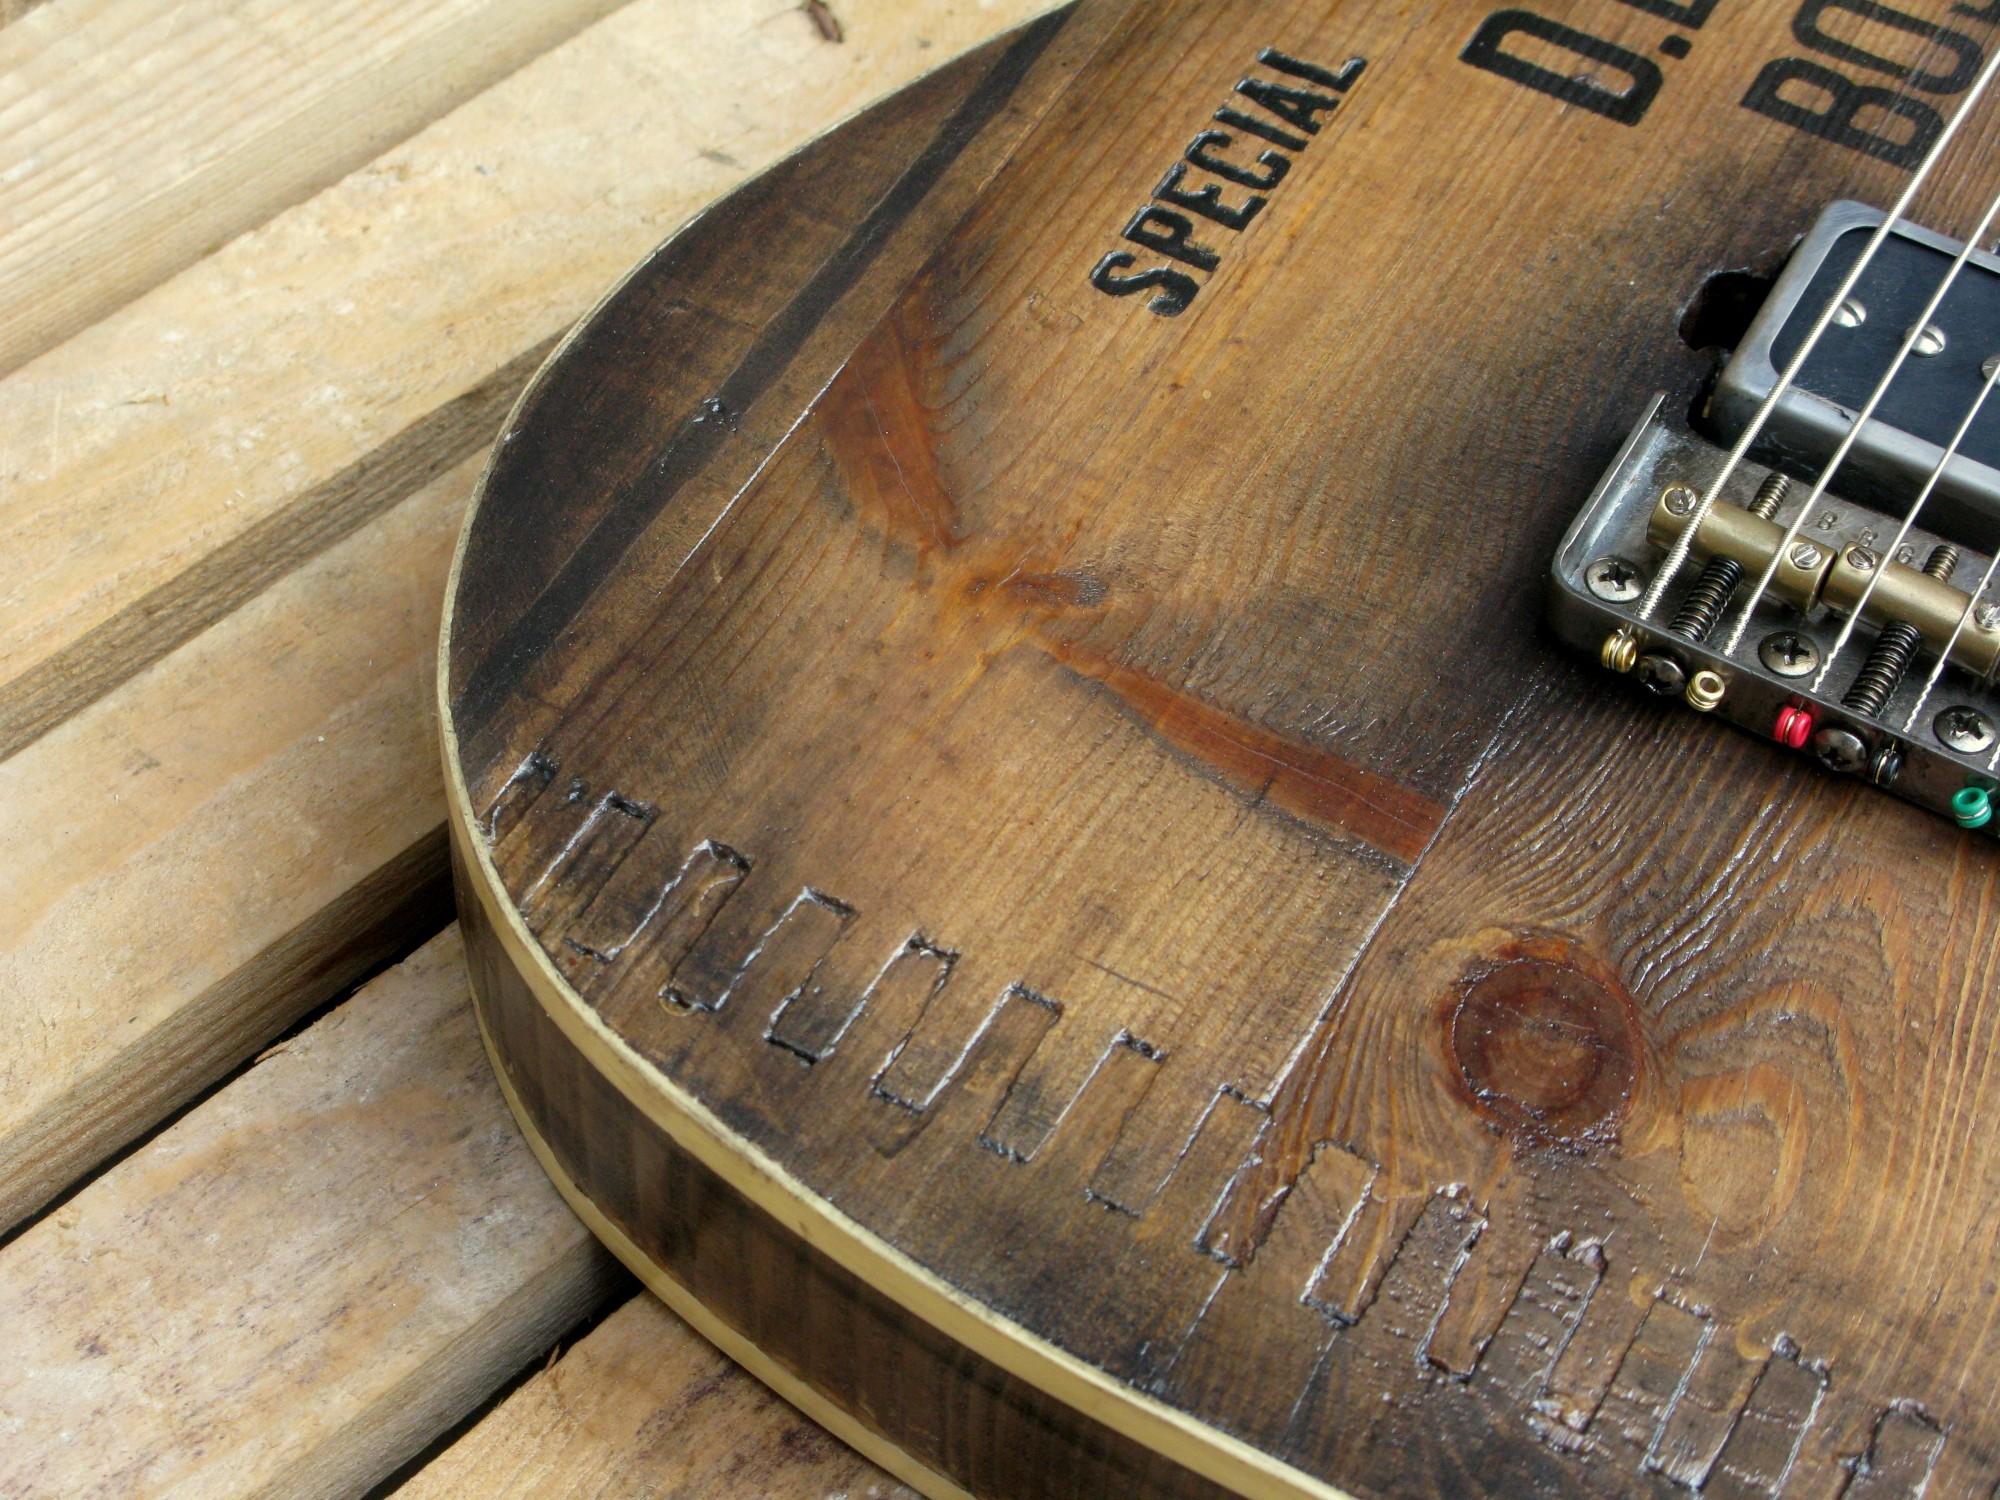 Dettaglio del binding di una chitarra elettrica baritono modello Telecaster con top ricavato da una vecchia cassetta di polvere da sparo